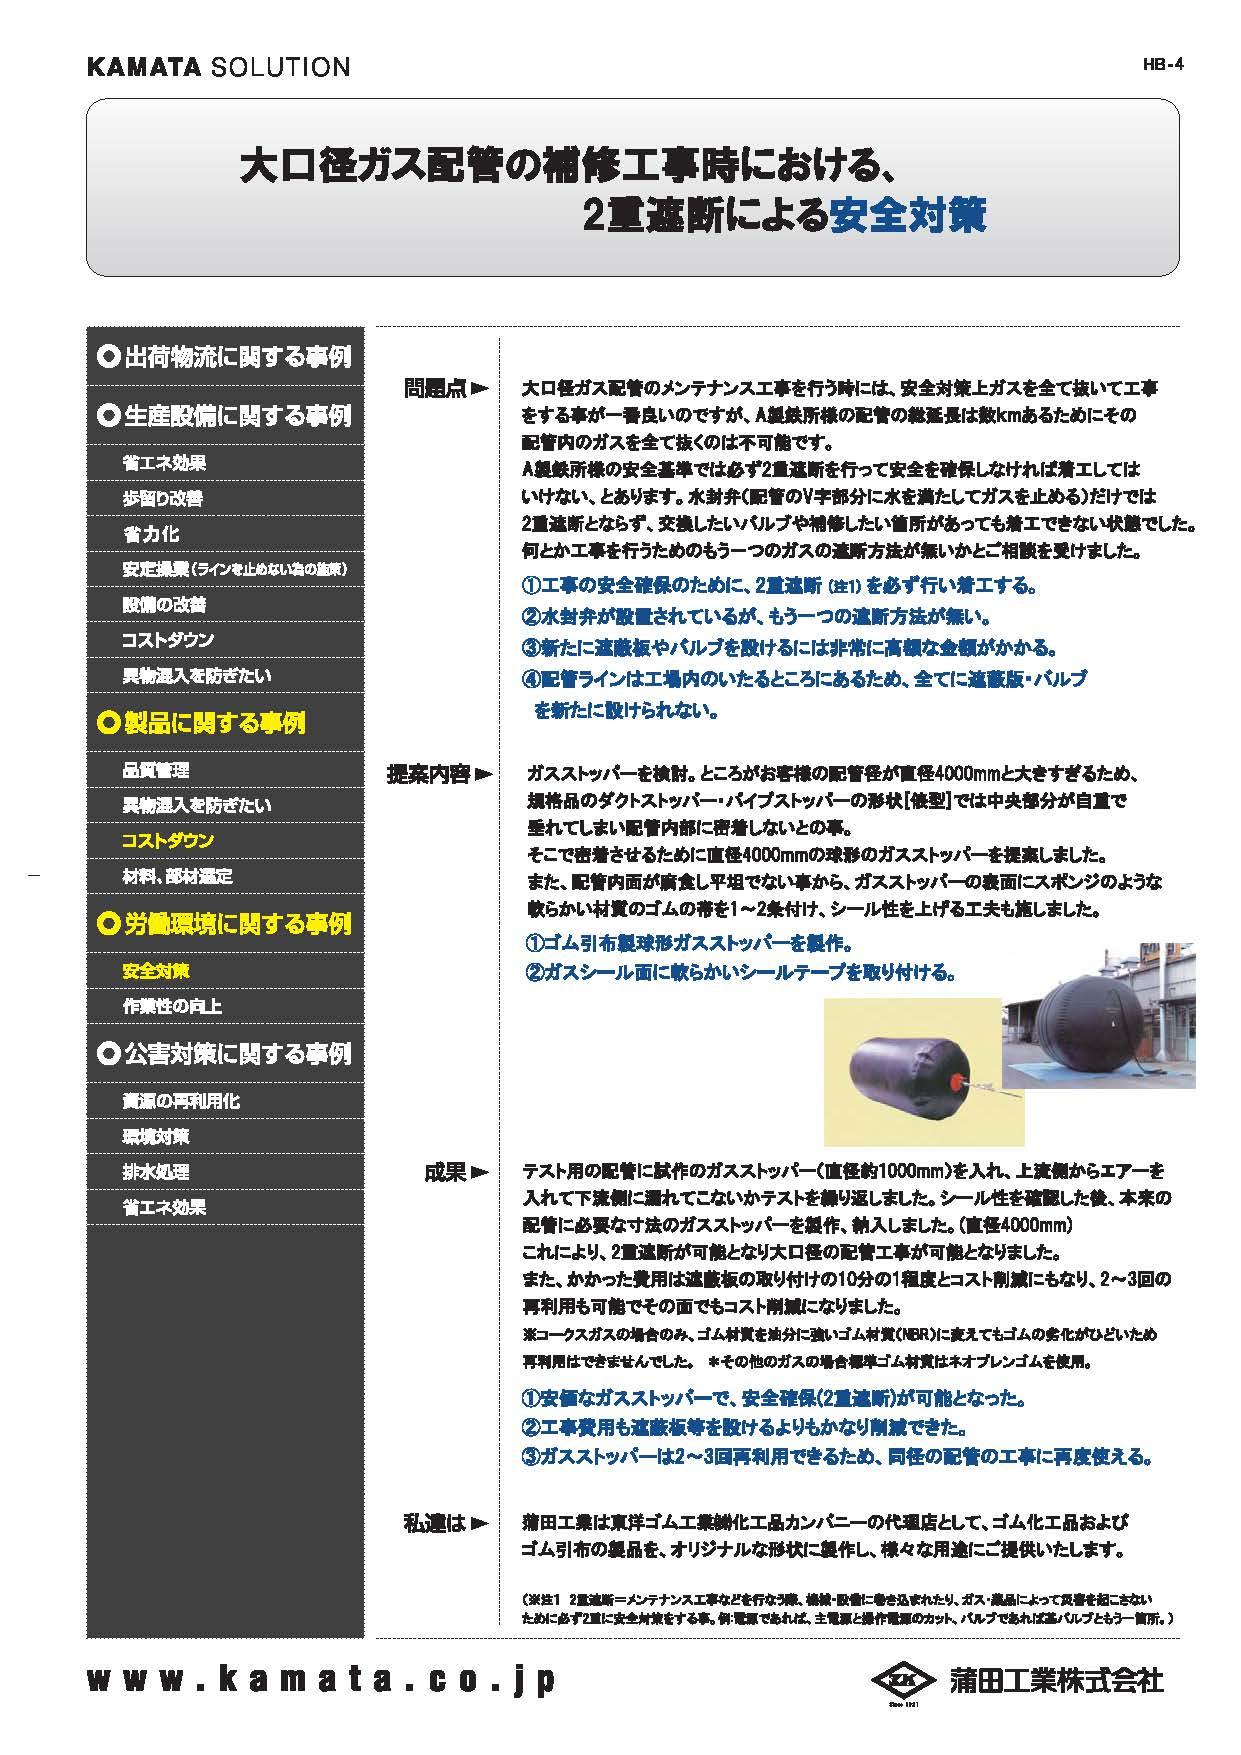 【事例紹介】大口径ガス配管の補修工事における2重遮断で安全対策